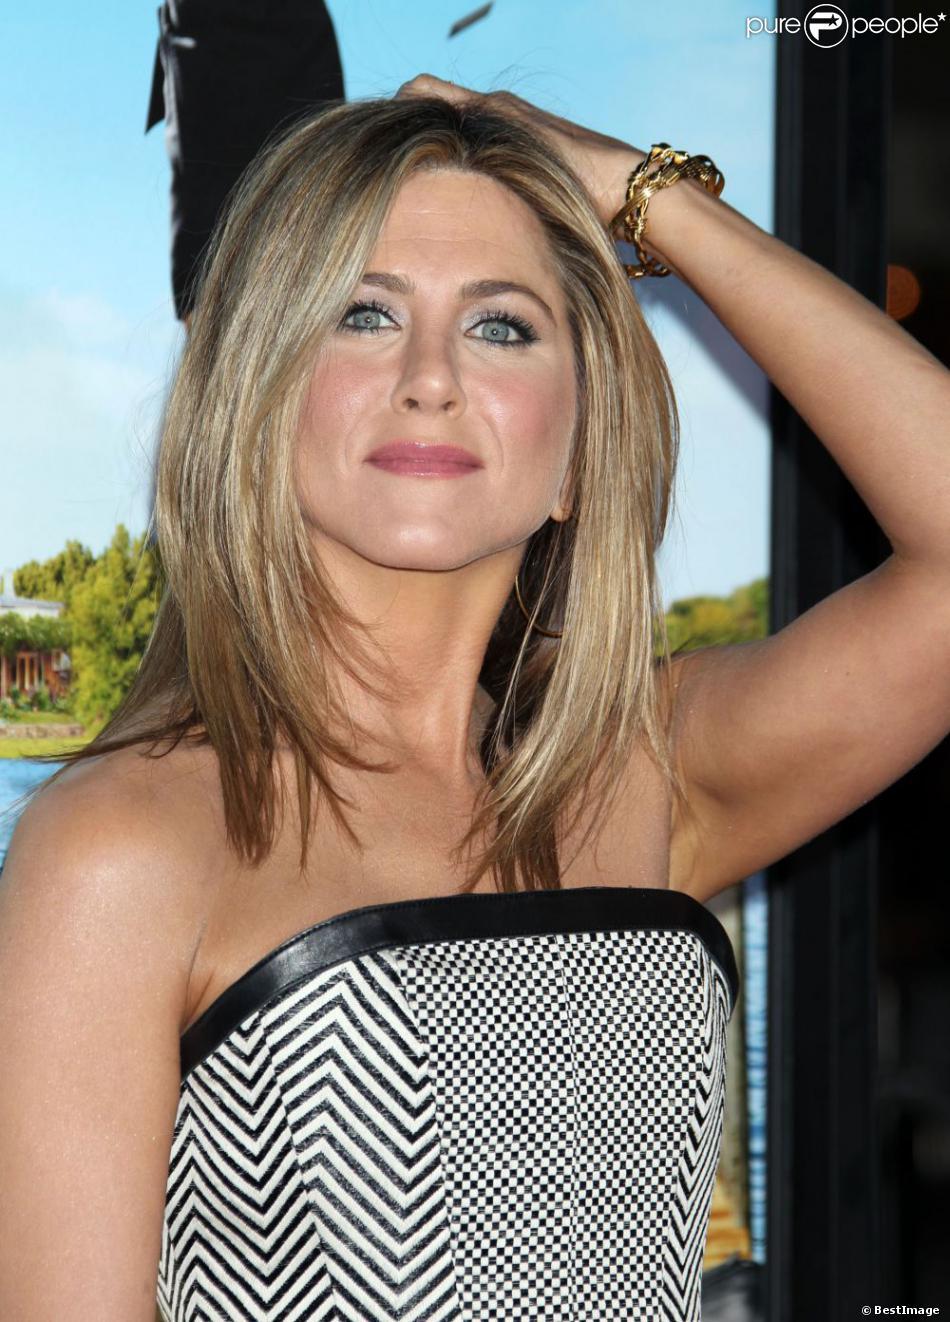 Jennifer Aniston lors de la première de Wanderlust au Mann Village Theatre à New York, le 16 février 2012.